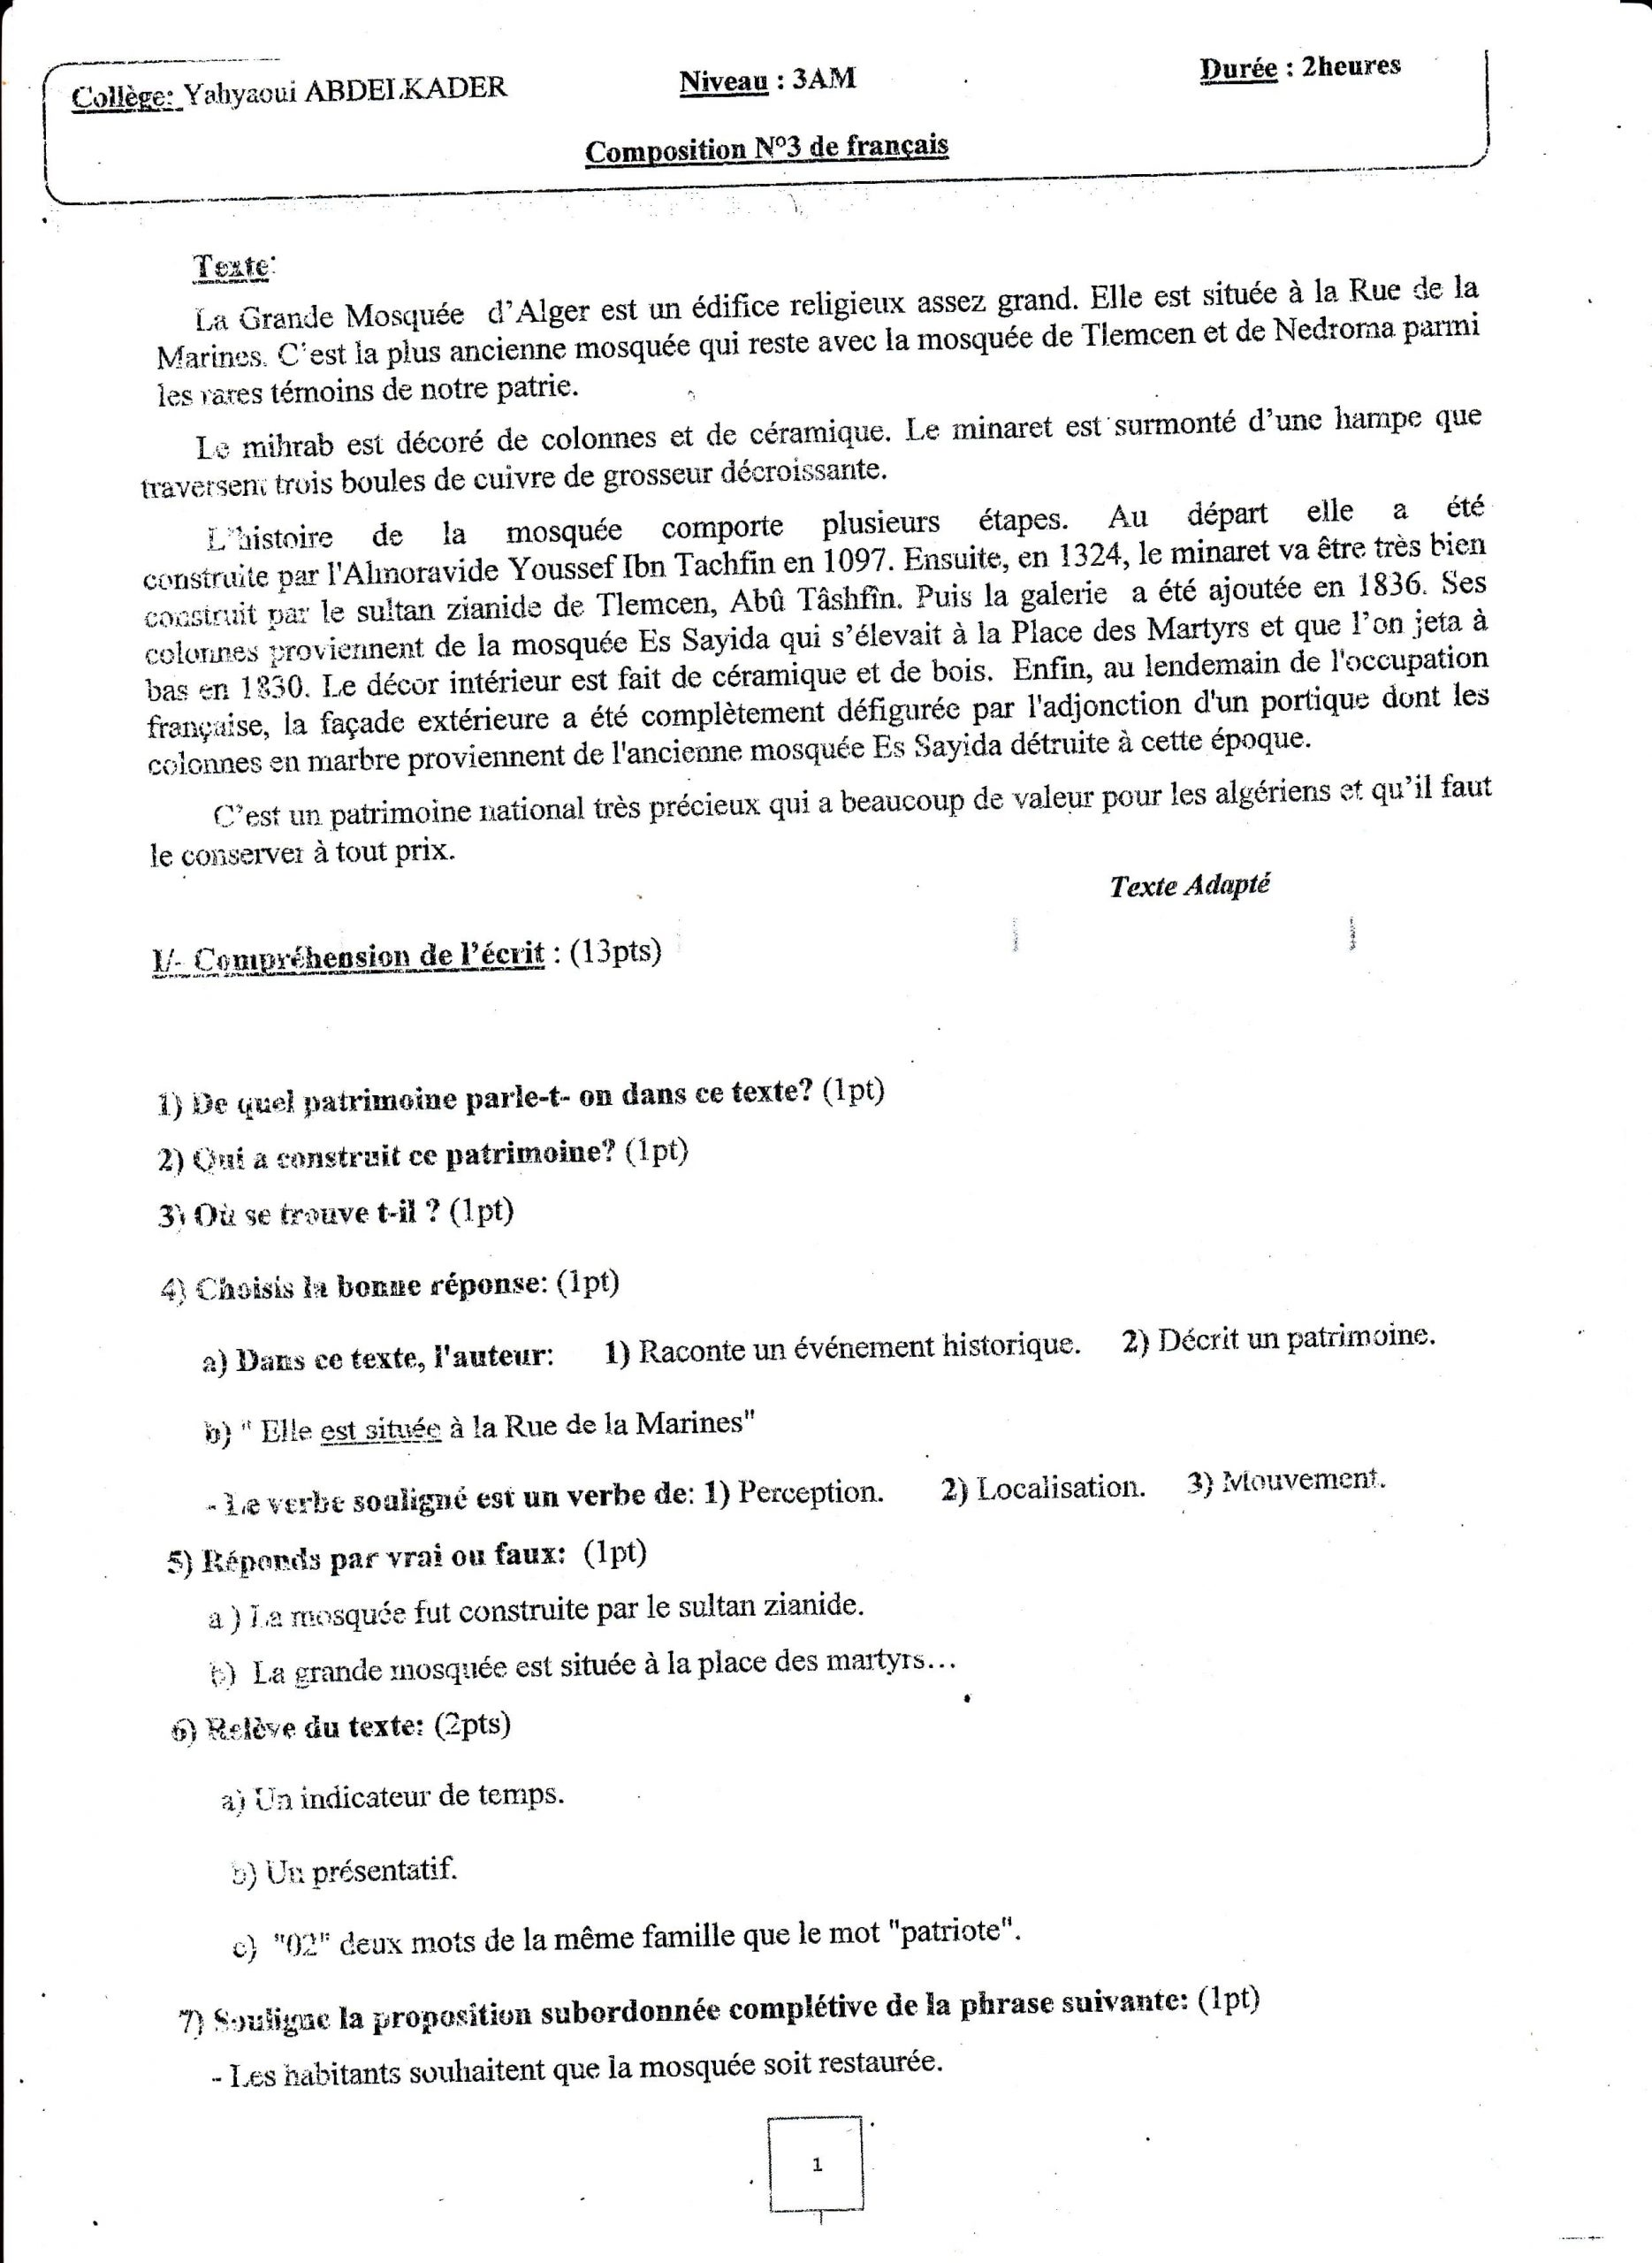 اختبار الفصل الثالث في اللغة الفرنسية السنة الثالثة متوسط | الموضوع 04